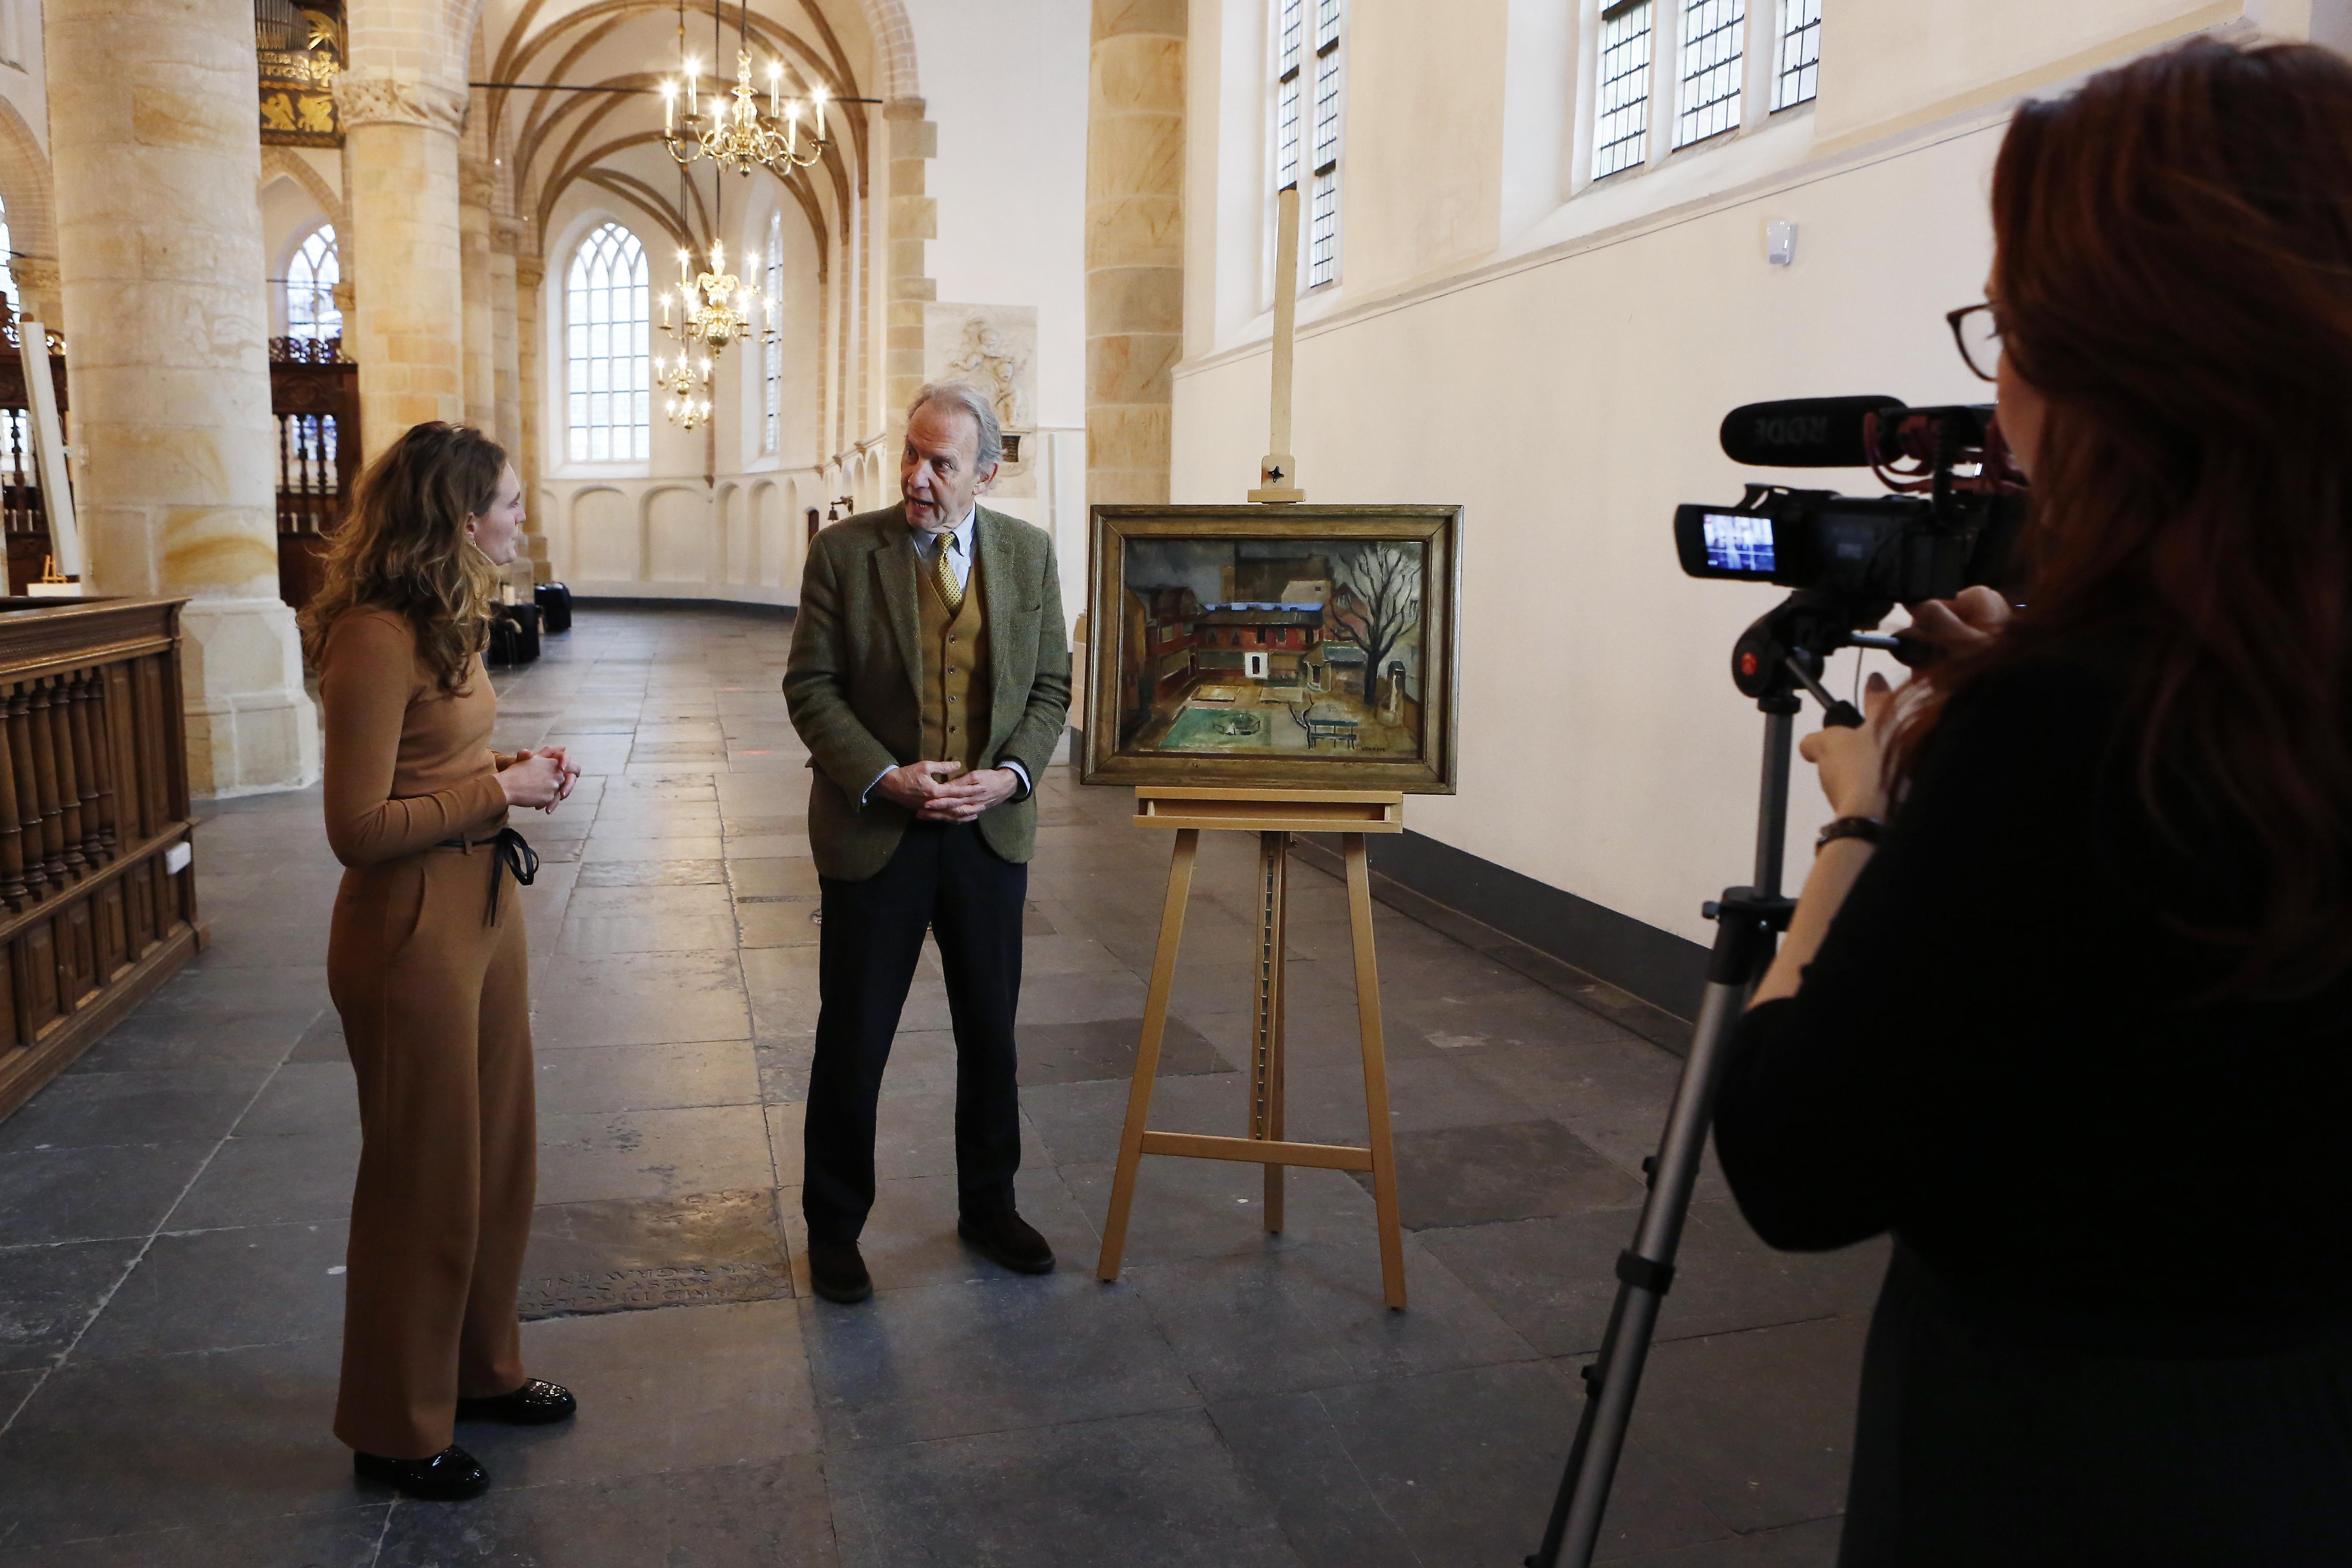 Virtueel naar kunst- en antiekbeurs 'Naarden the art fair'; 'Ik hoop dat we volgend jaar met onze jubileumeditie met een grote knaller kunnen terugkomen'